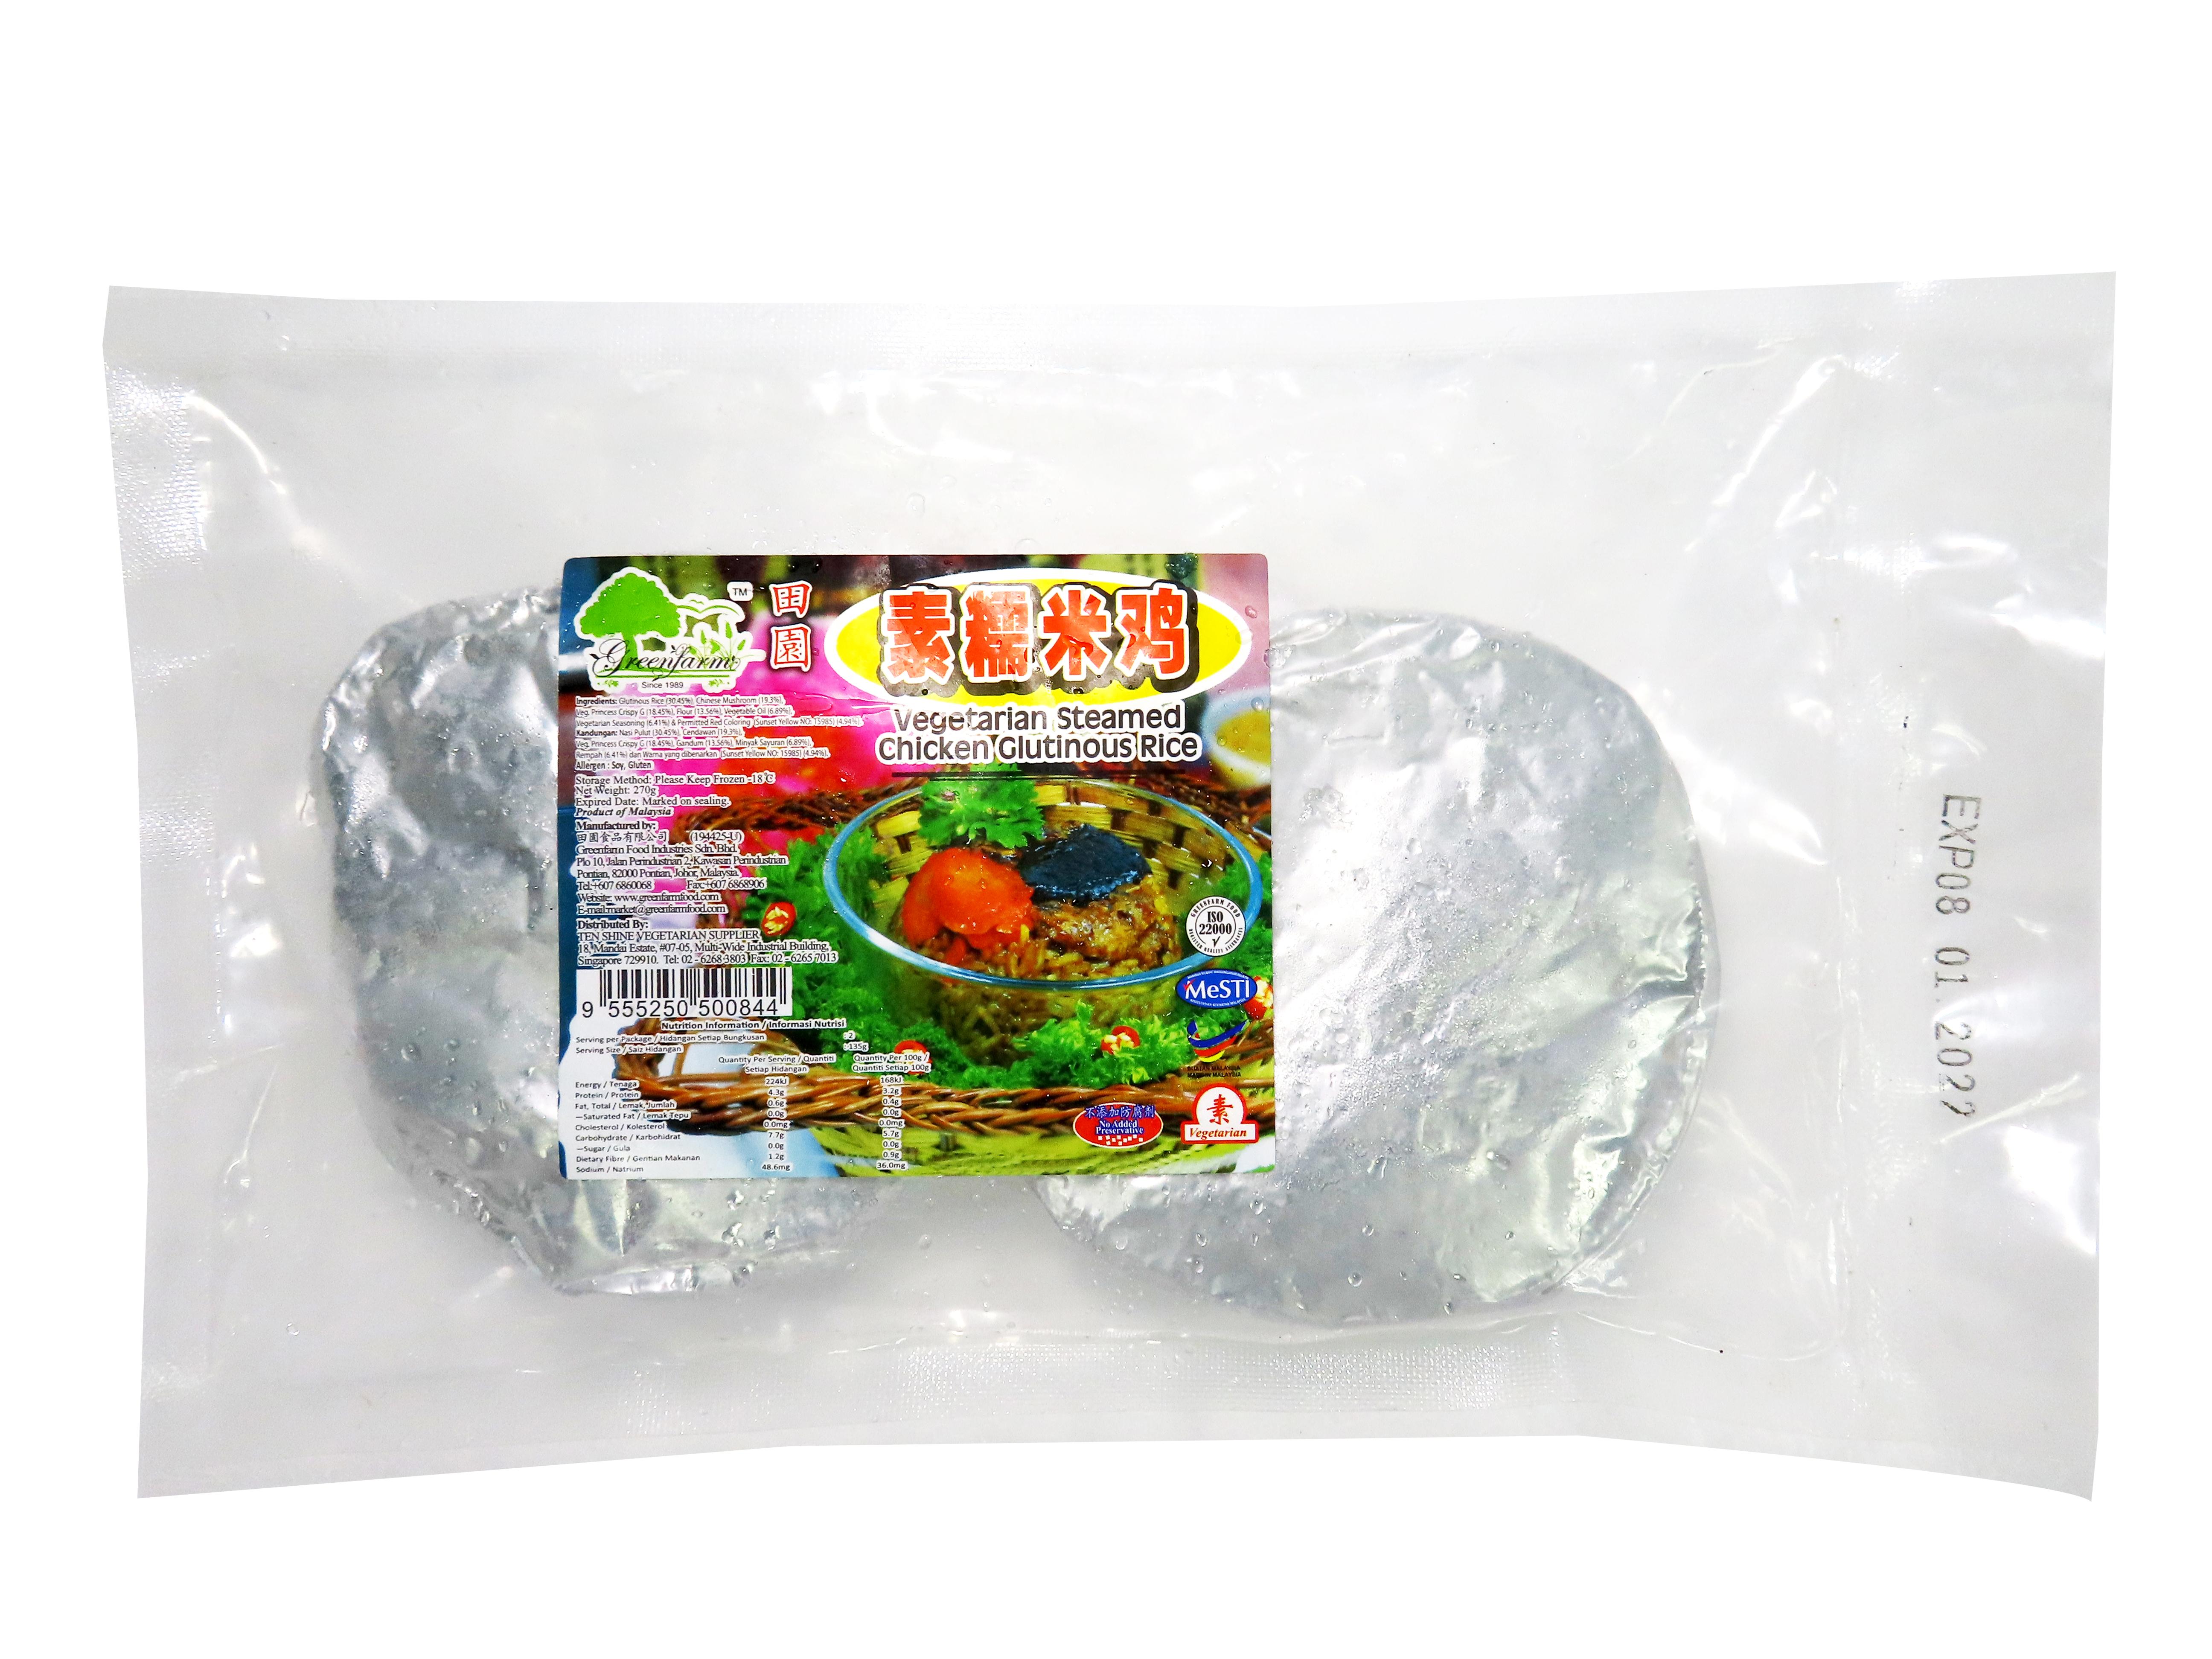 Image Glutinous Rice G Nuo Mi JI 田园 - 糯米鸡(2pcs) 300grams